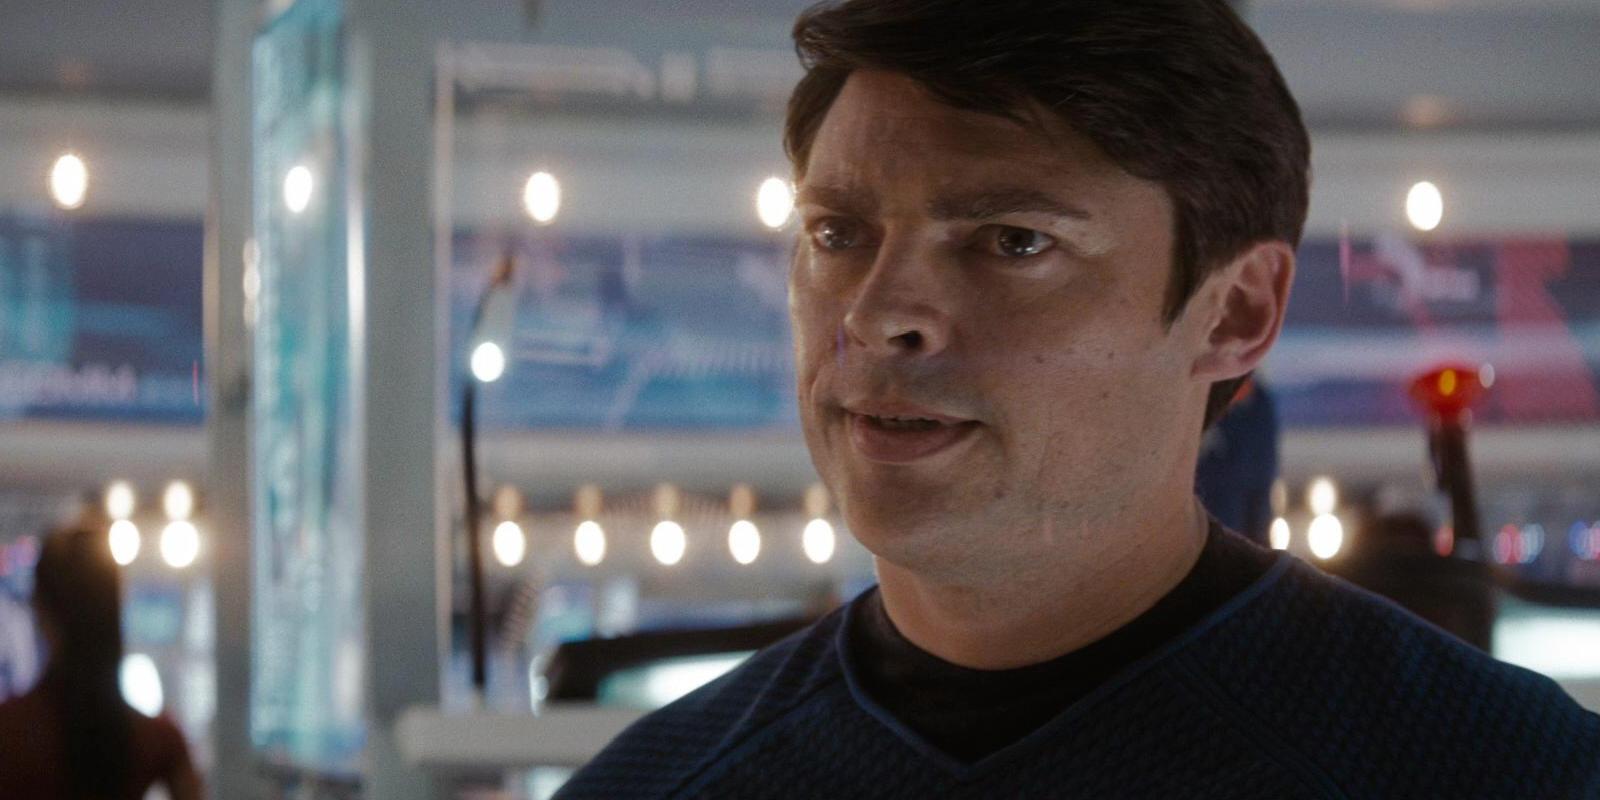 Ex Astris Scientia Star Trek 2009 Guest Reviews Page 1